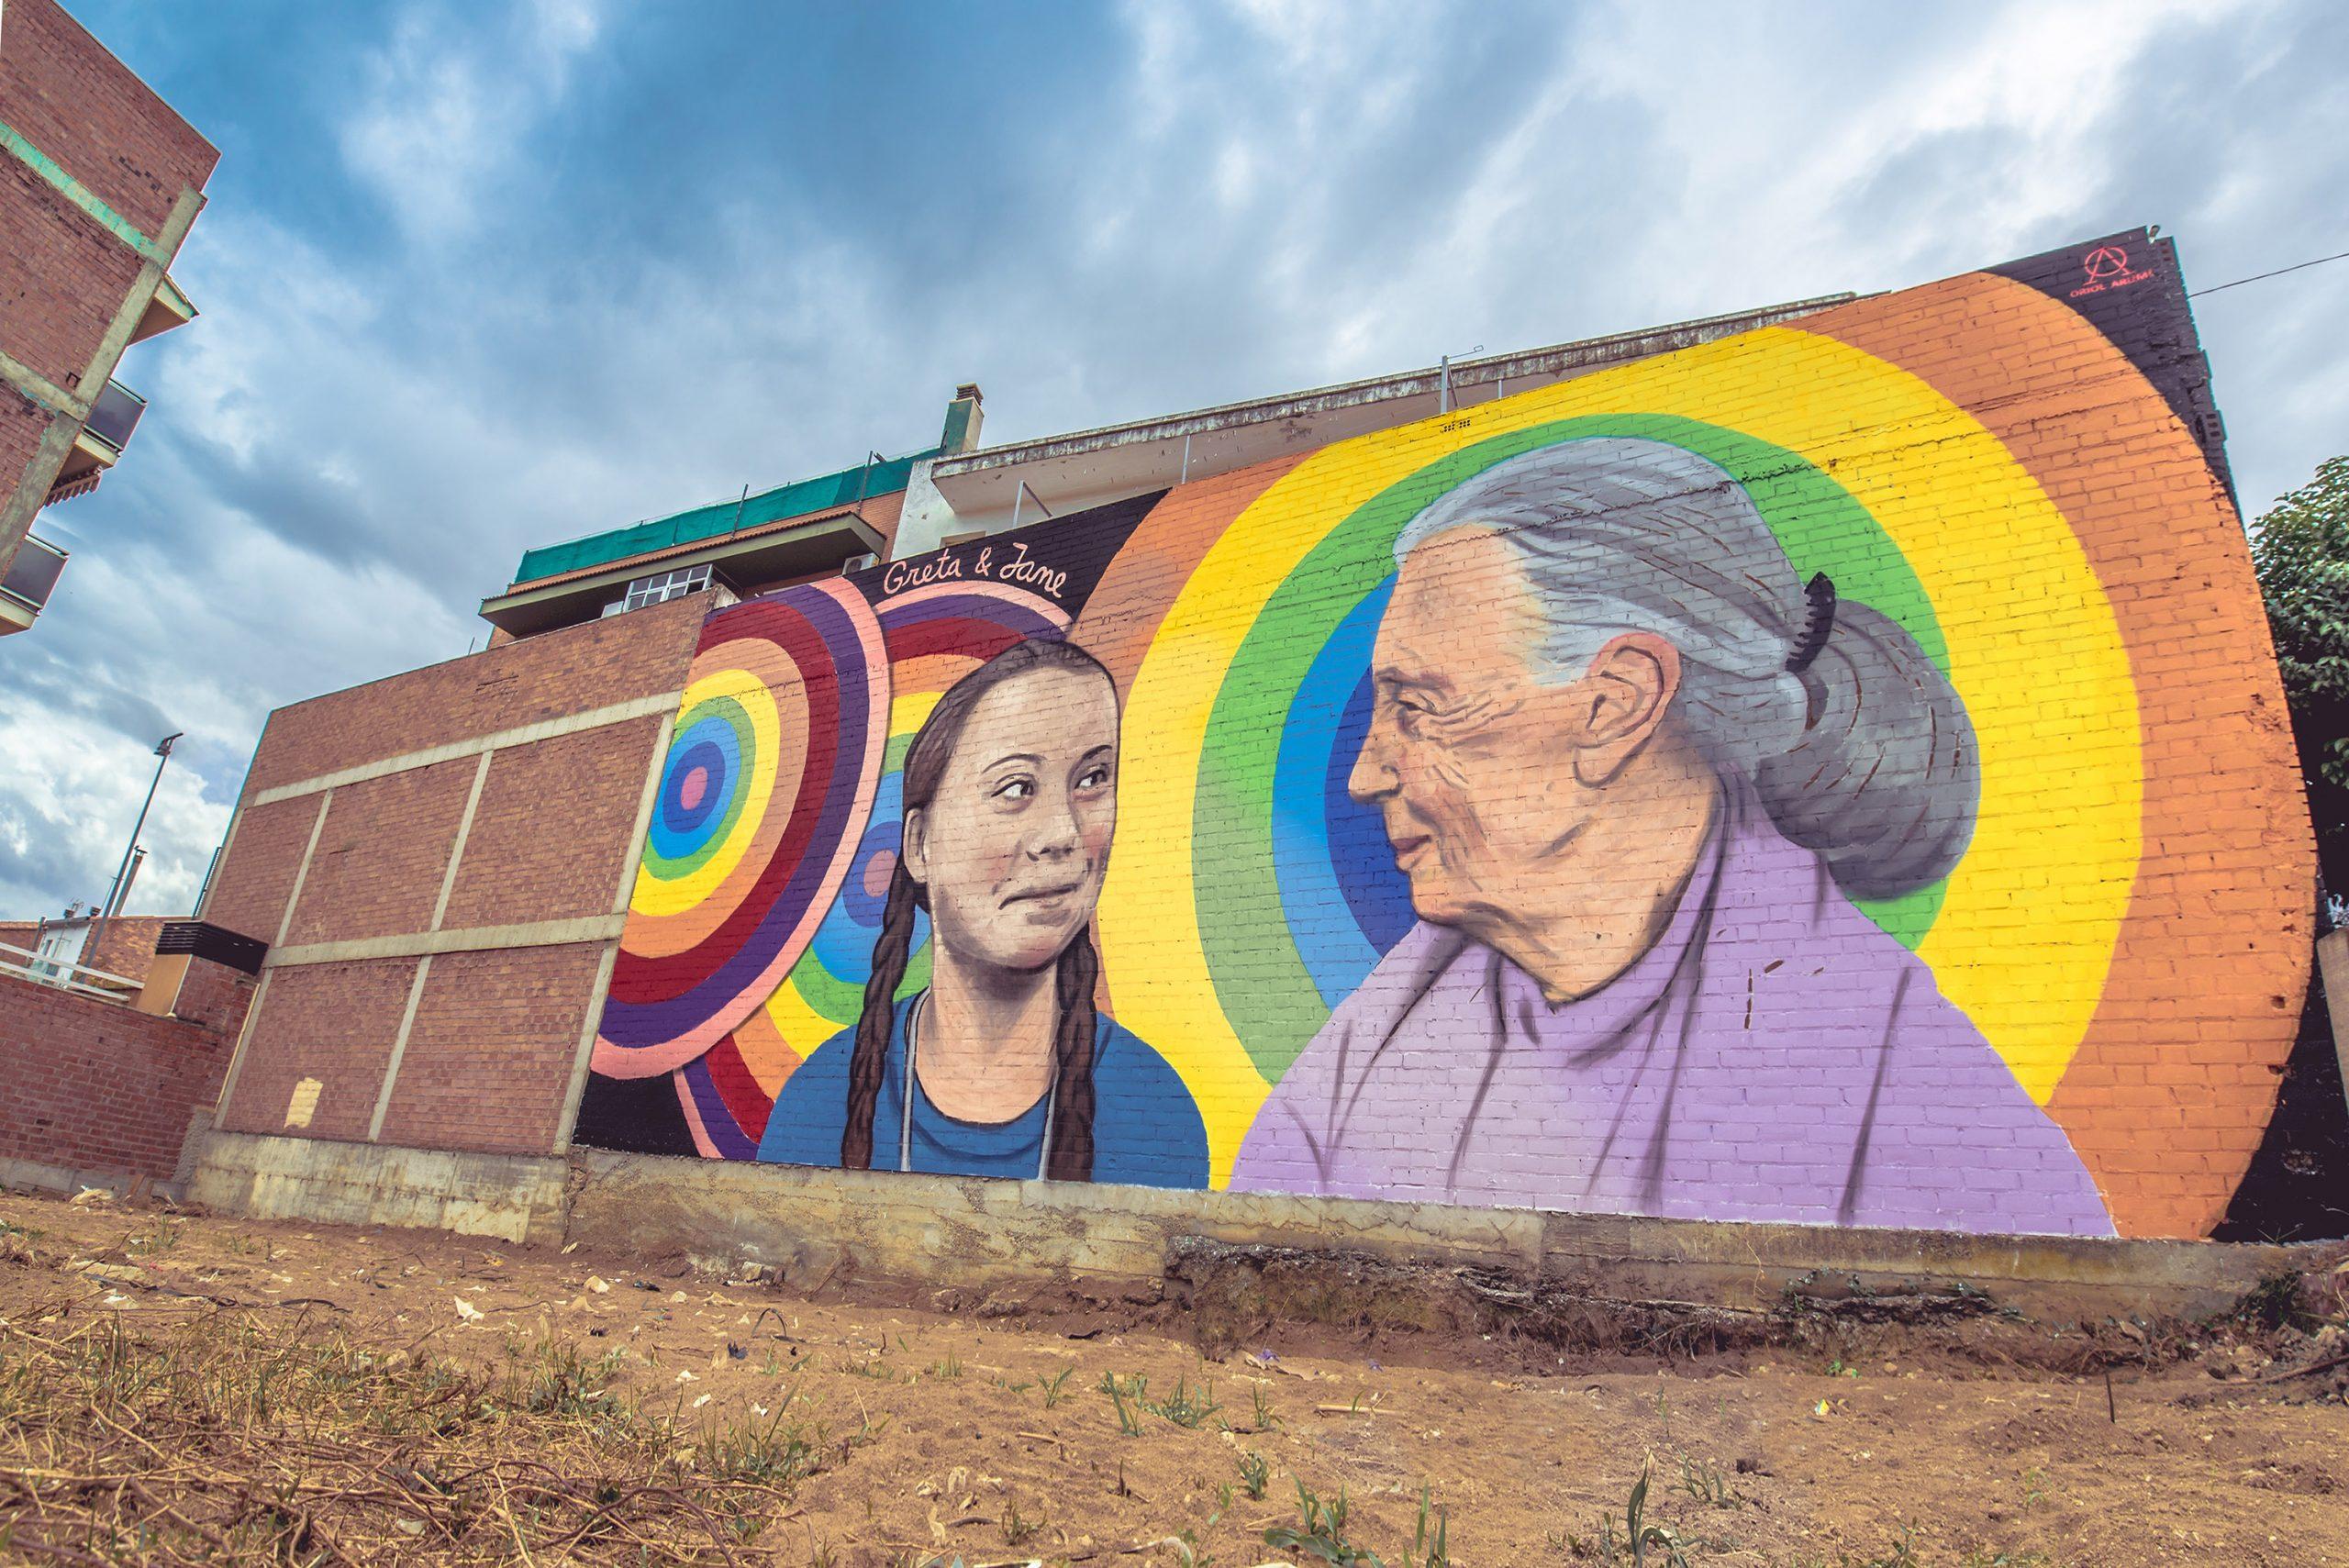 Premi del públic del 3r Torrefarrera Street Art Festival